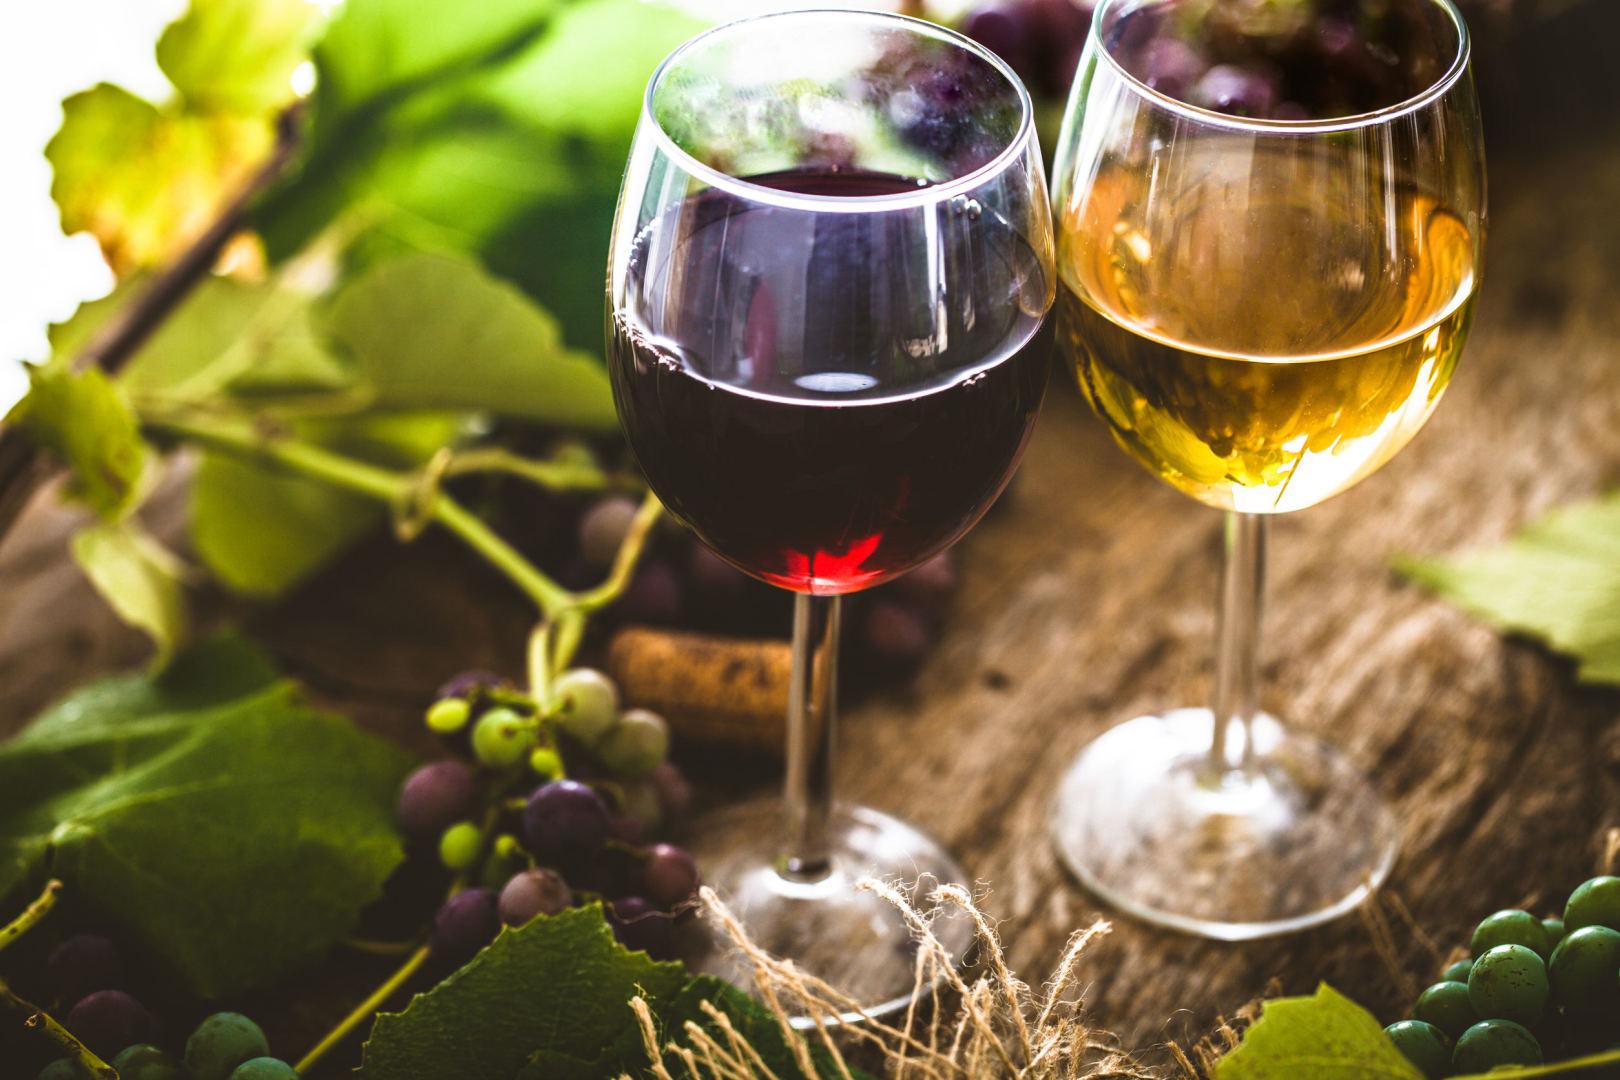 kurie raudonieji vynai yra geriausi širdies sveikatai